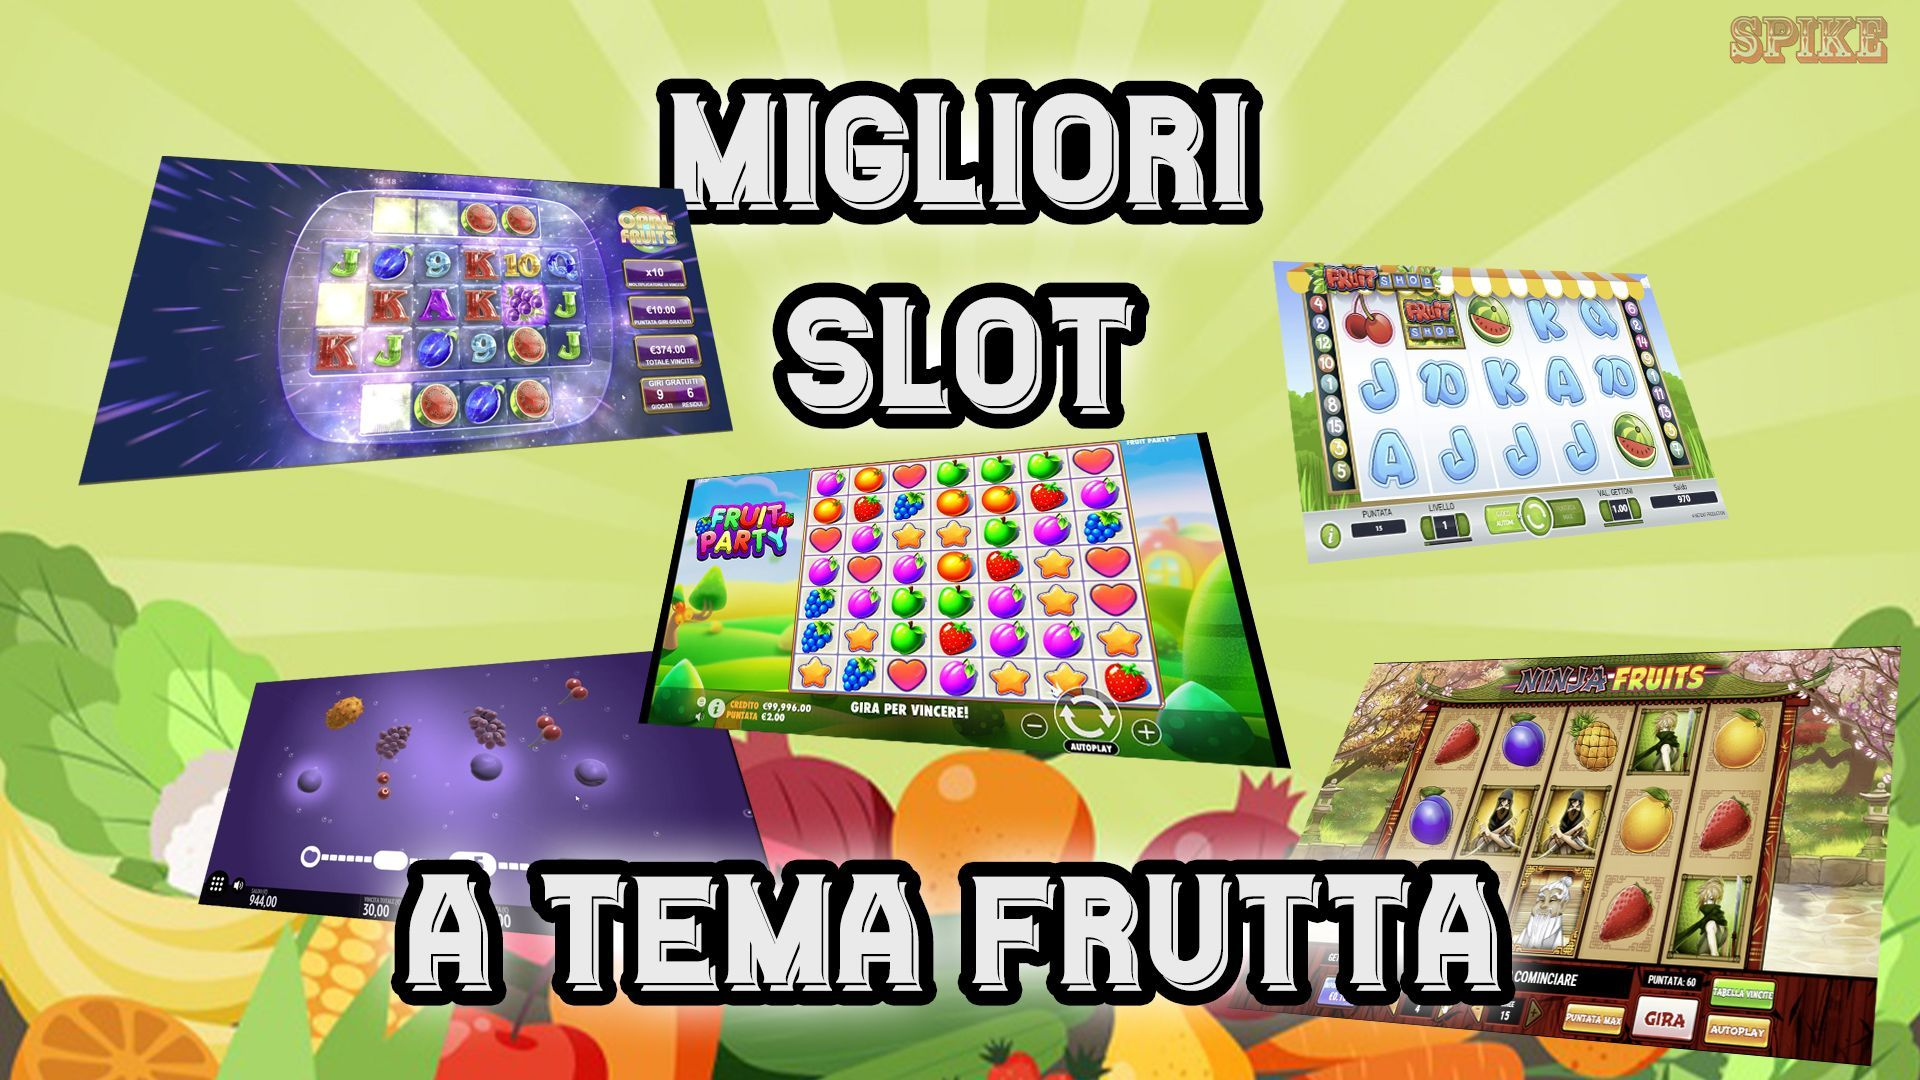 Lista Top Migliori Slot Frutta Logo